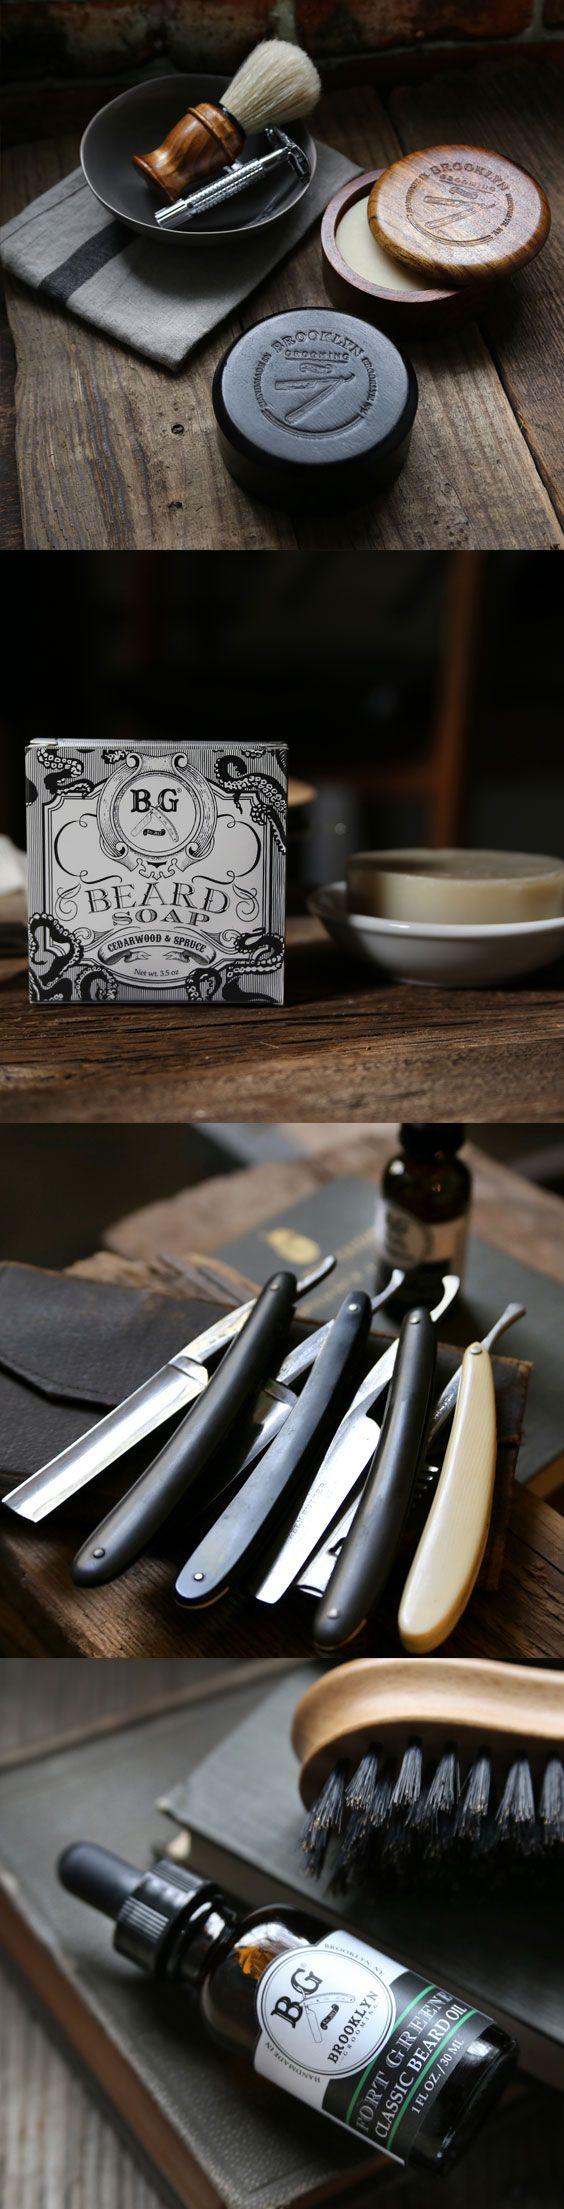 Handmade Men's grooming products by Brooklyn Grooming